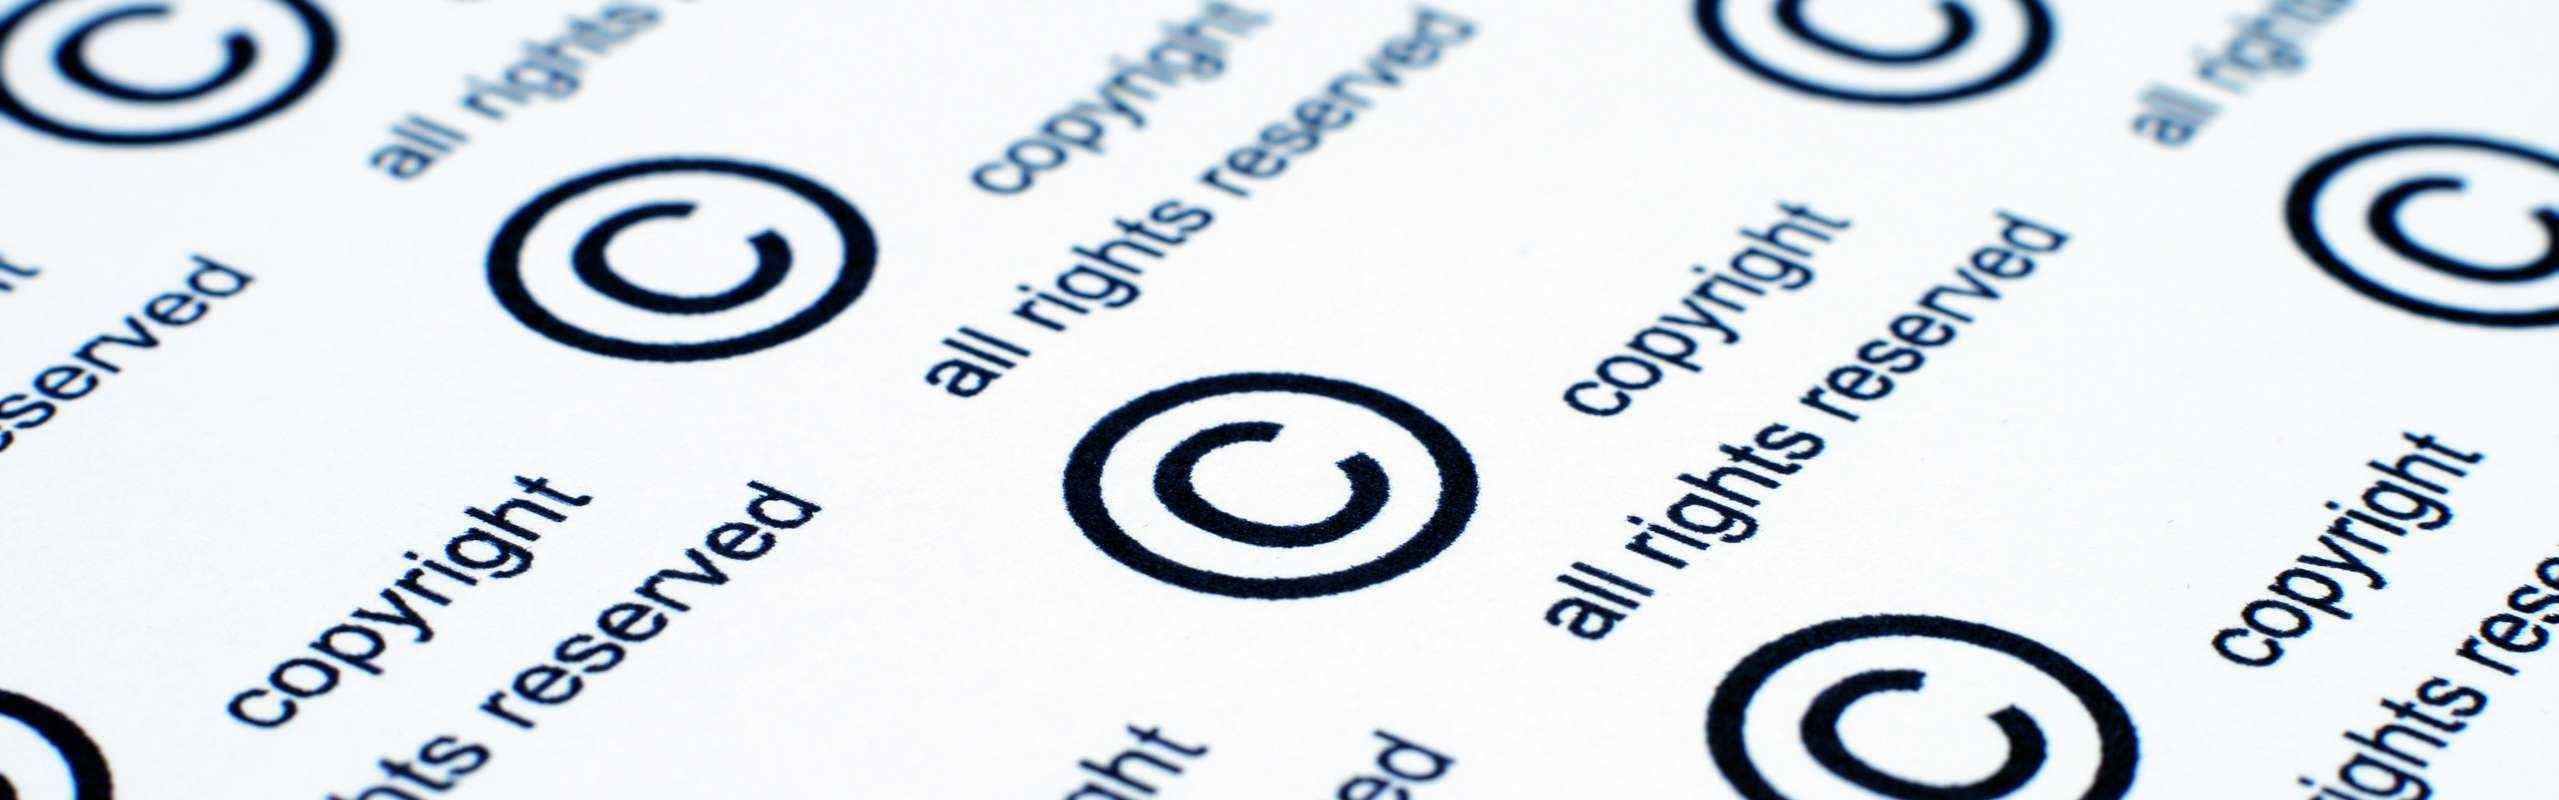 Cómo funciona el copyright